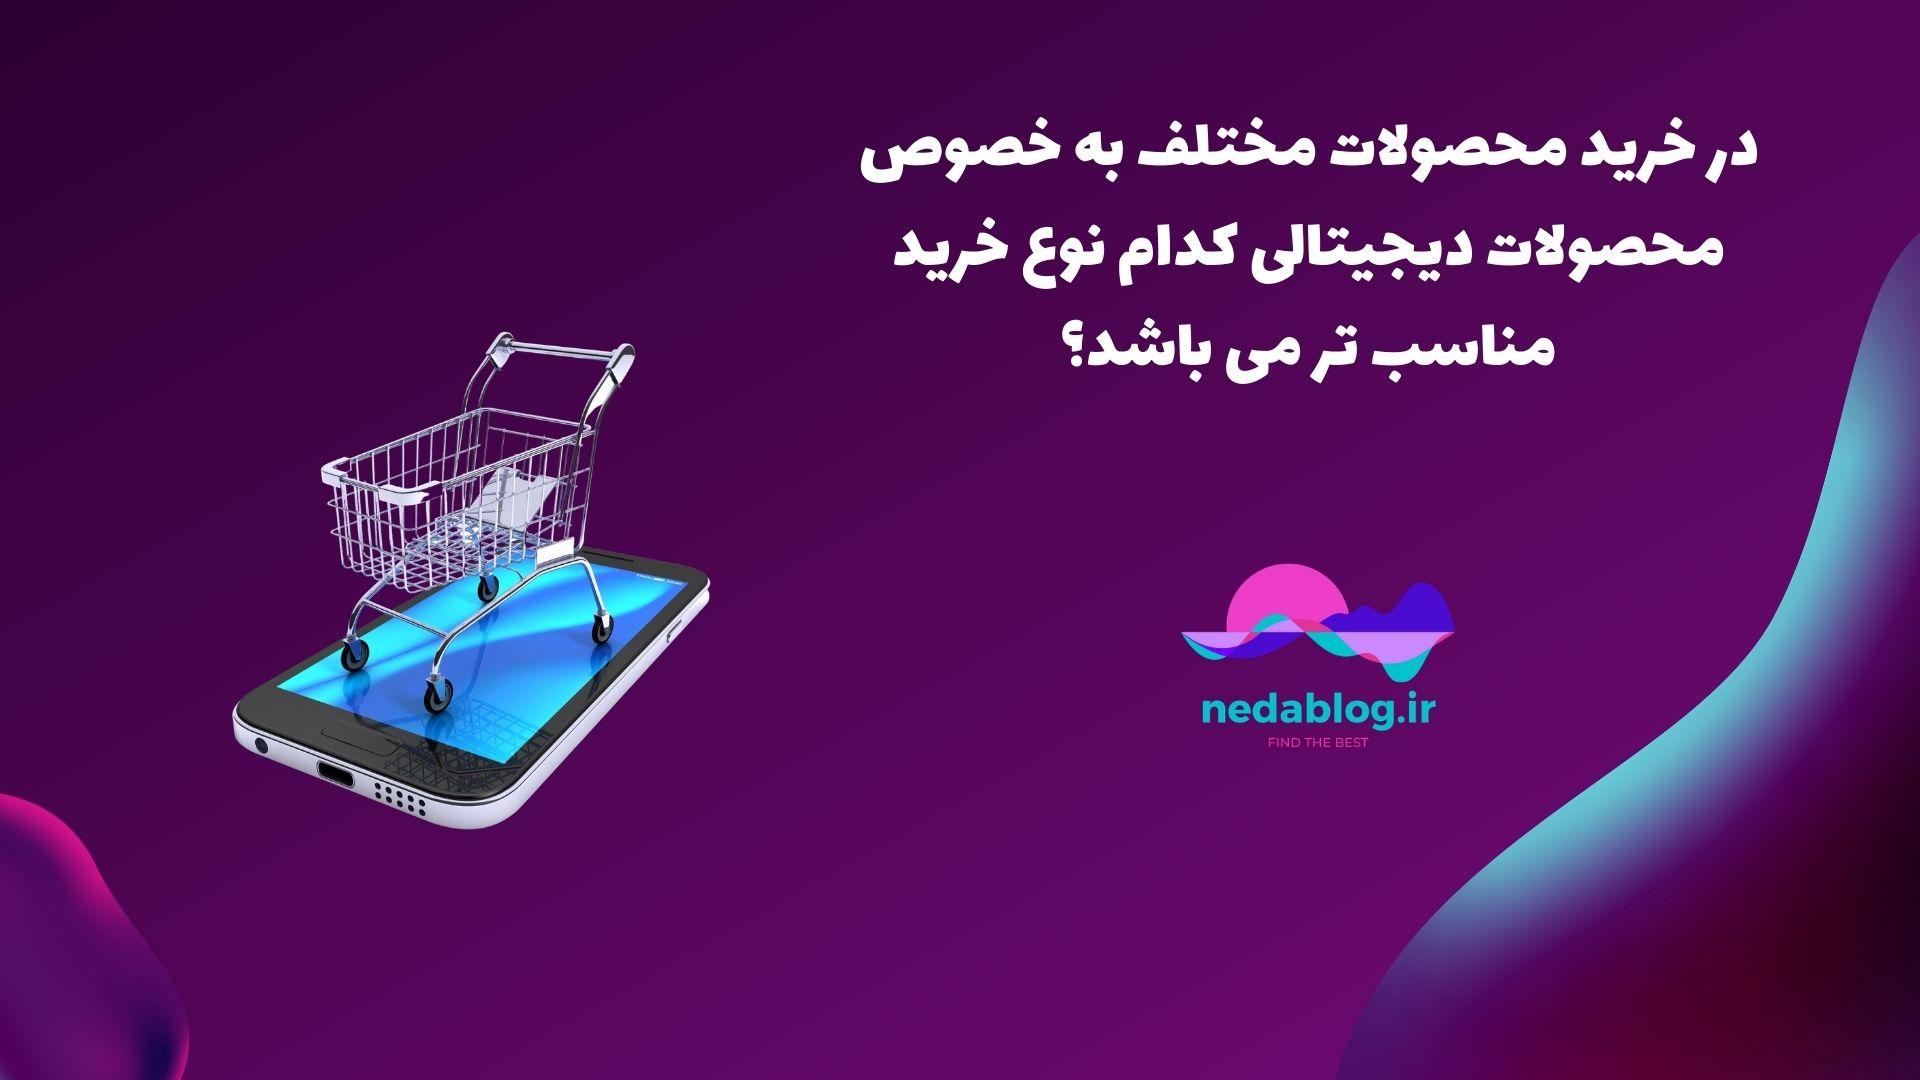 در خرید محصولات مختلف به خصوص محصولات دیجیتالی کدام نوع خرید مناسب تر می باشد؟